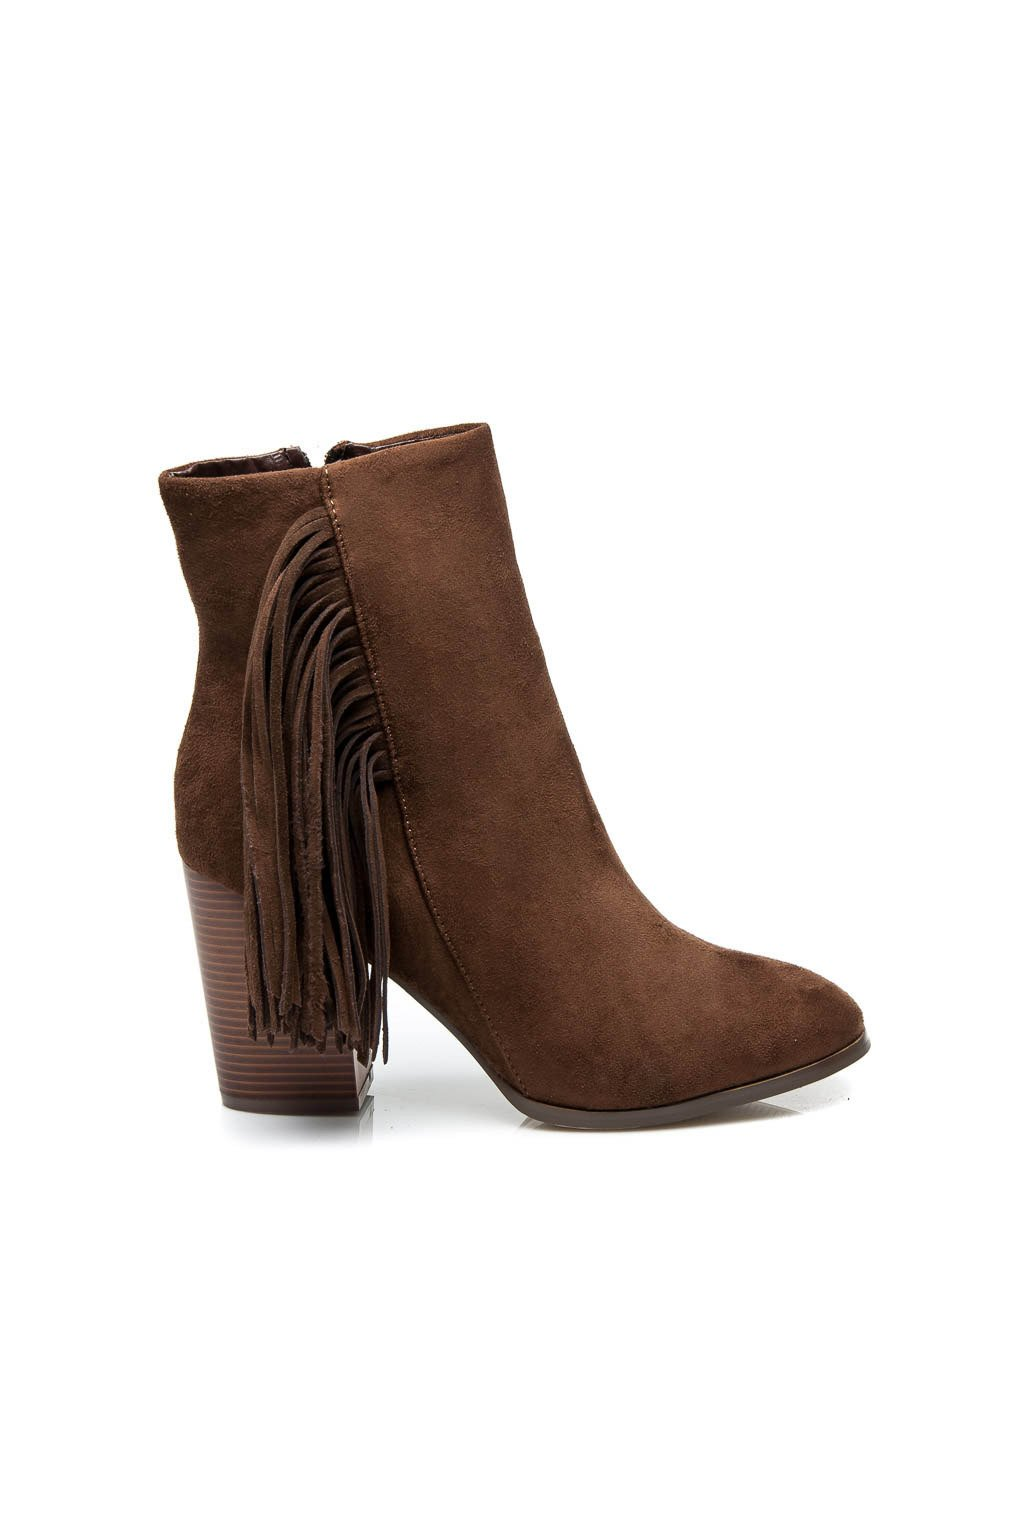 Hnedé topánky v štýle Boho ES-2381C / S3-18P (Veľkosť UK7 / EUR 40)